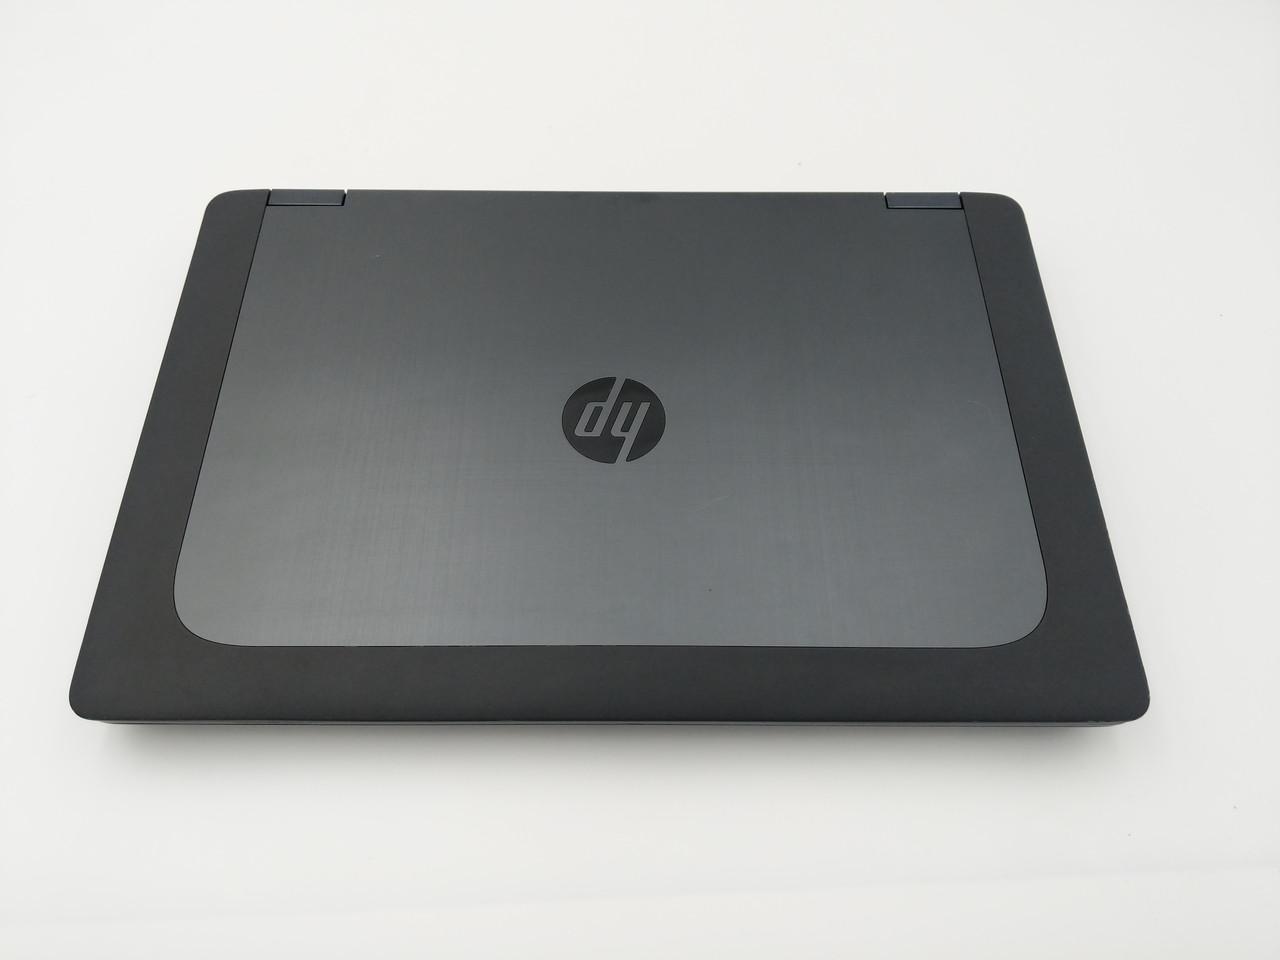 Б/У HP ZBOOK 15 G2 FHD IPS 15.6 I7-4800MQ/ 16 GB /SSD 128ГБ + HDD 750 Нет в наличии 2